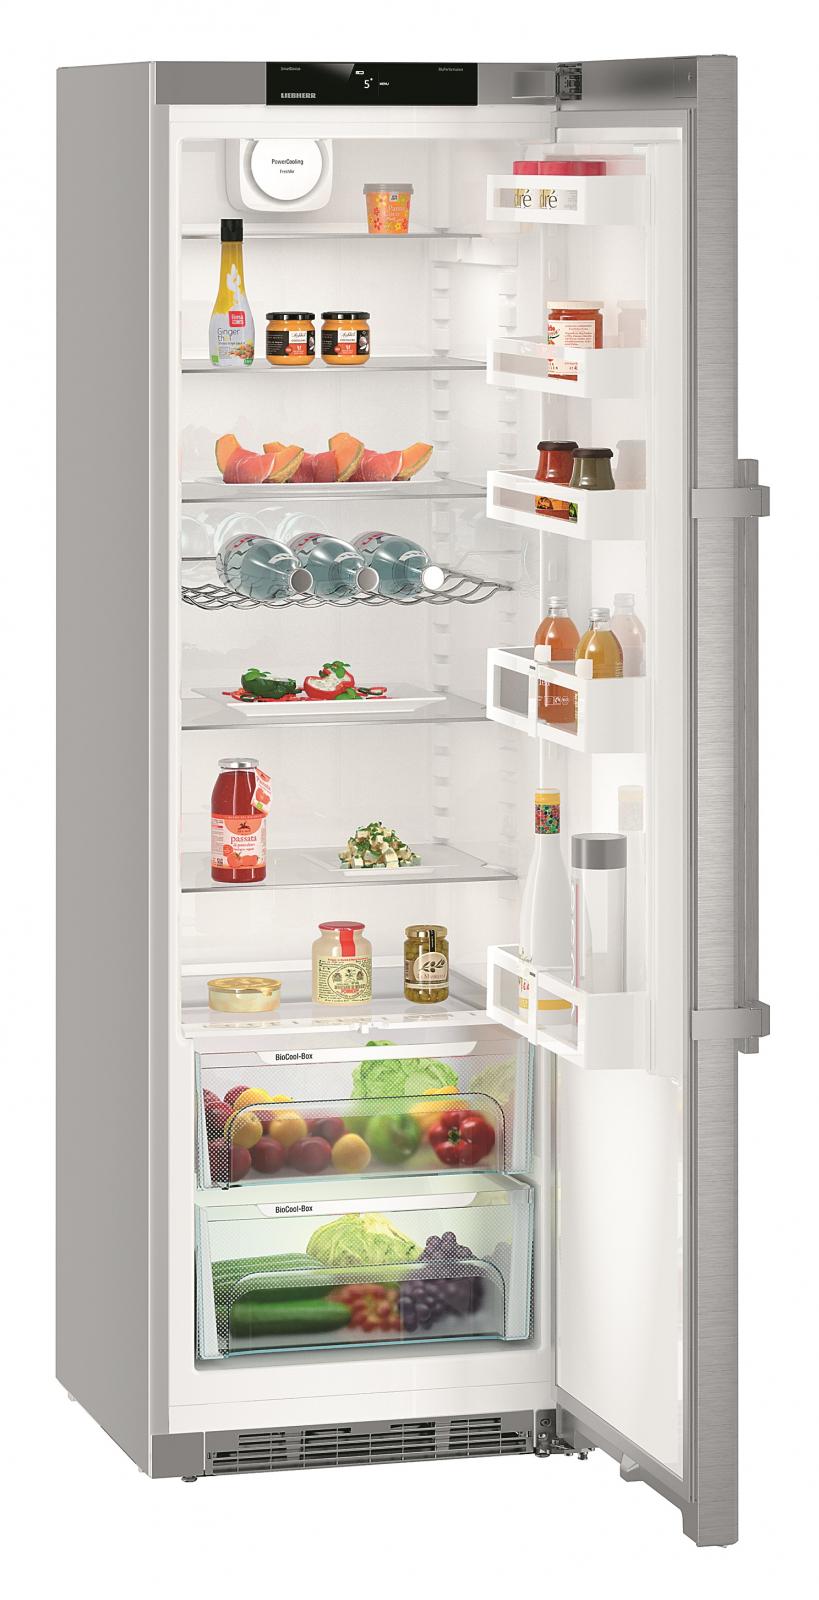 Однокамерный холодильник Liebherr Kef 4310 купить украина